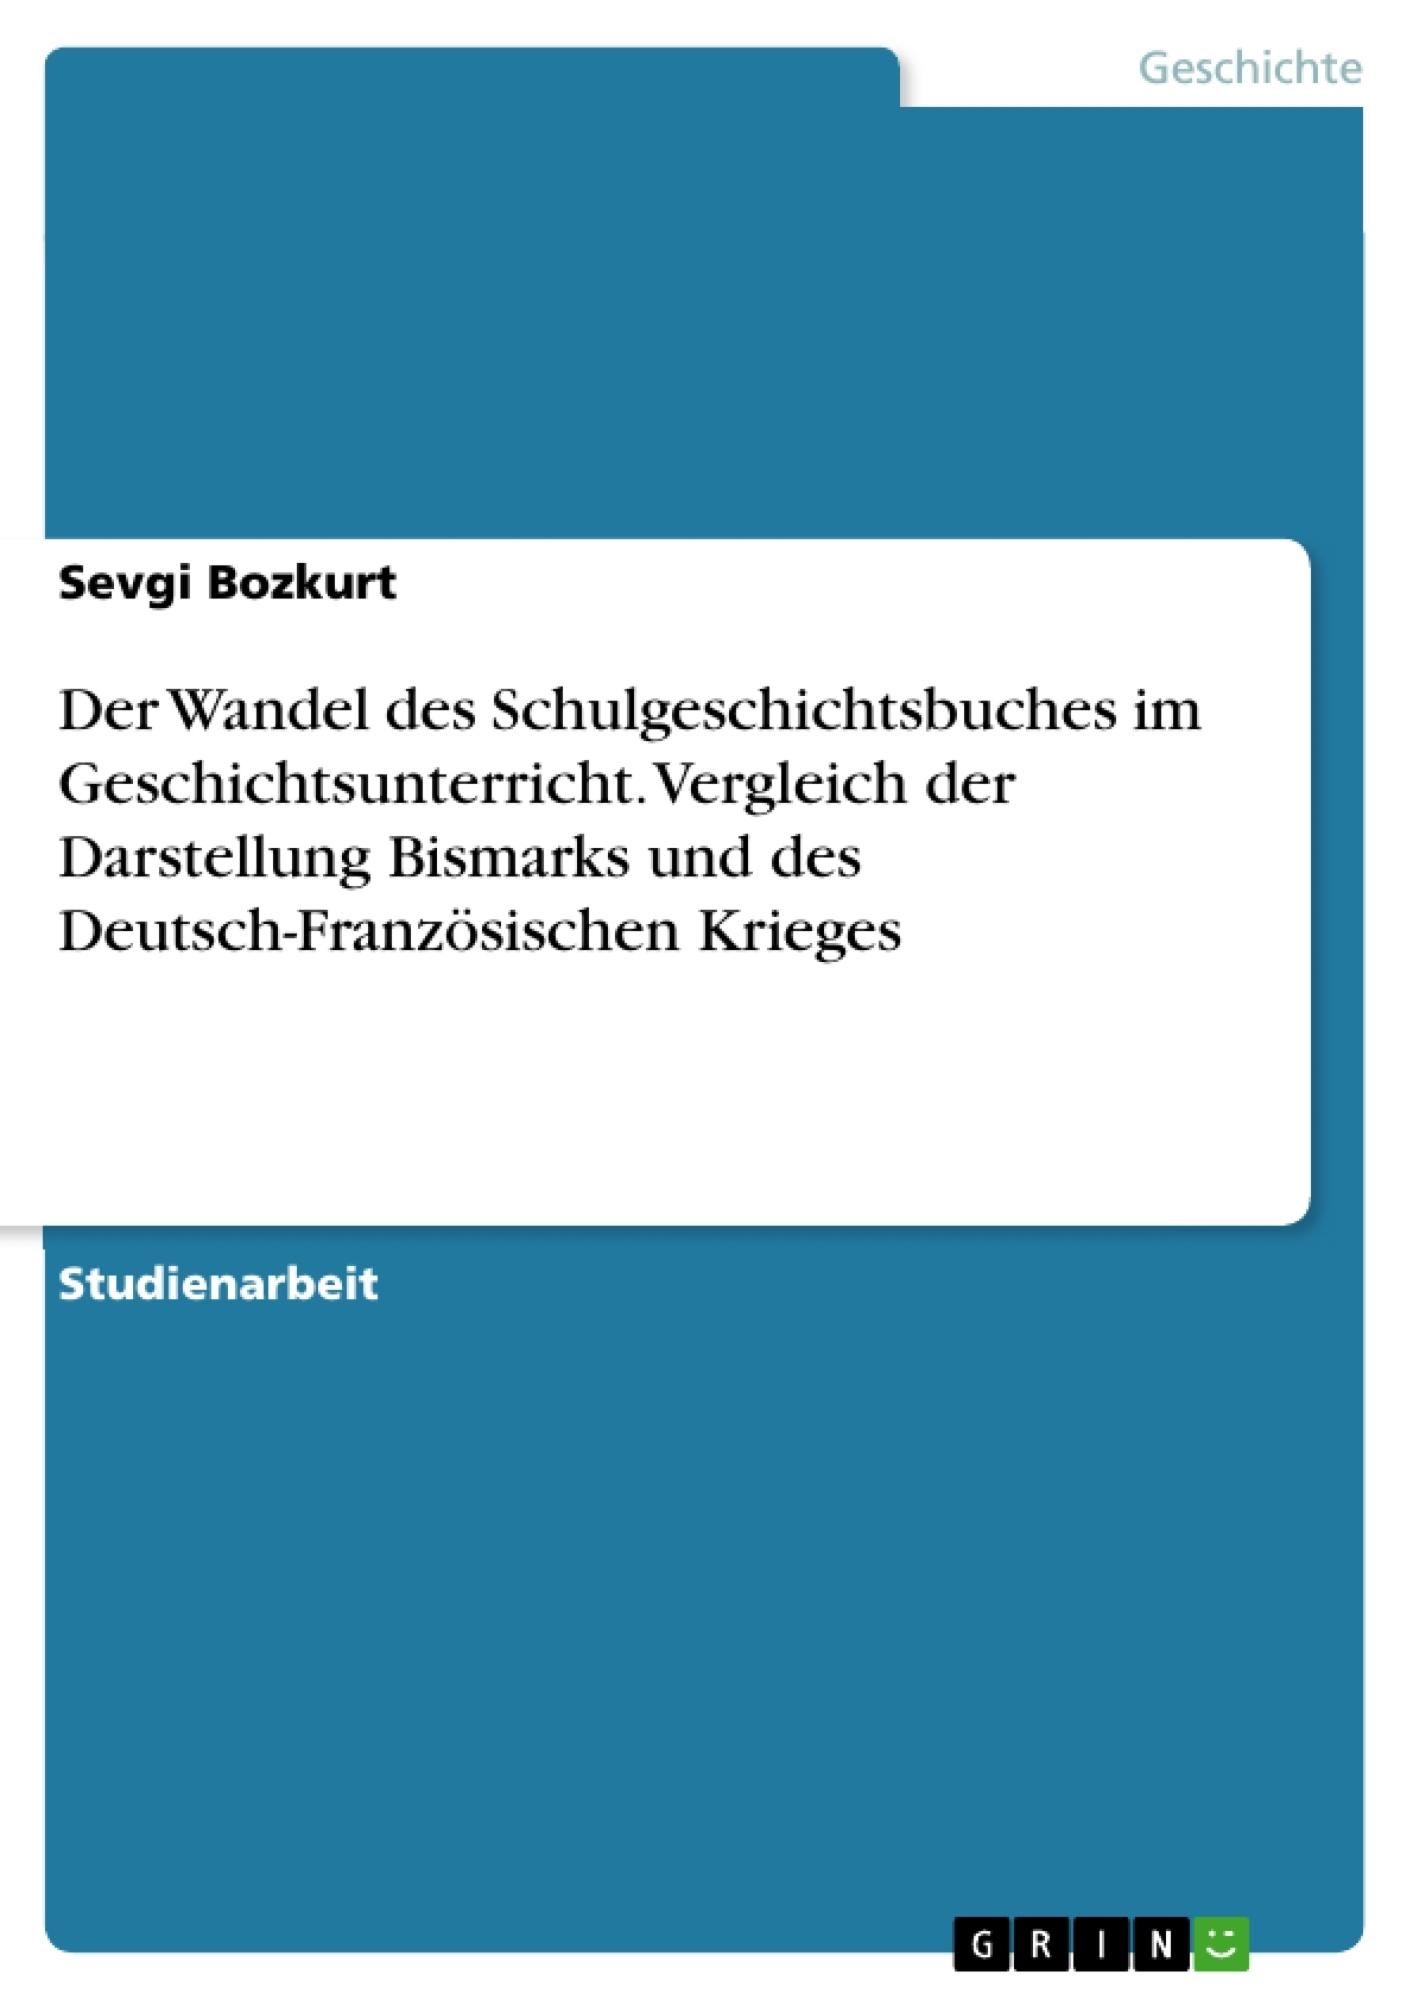 Titel: Der Wandel des Schulgeschichtsbuches im Geschichtsunterricht. Vergleich der Darstellung Bismarks und des Deutsch-Französischen Krieges